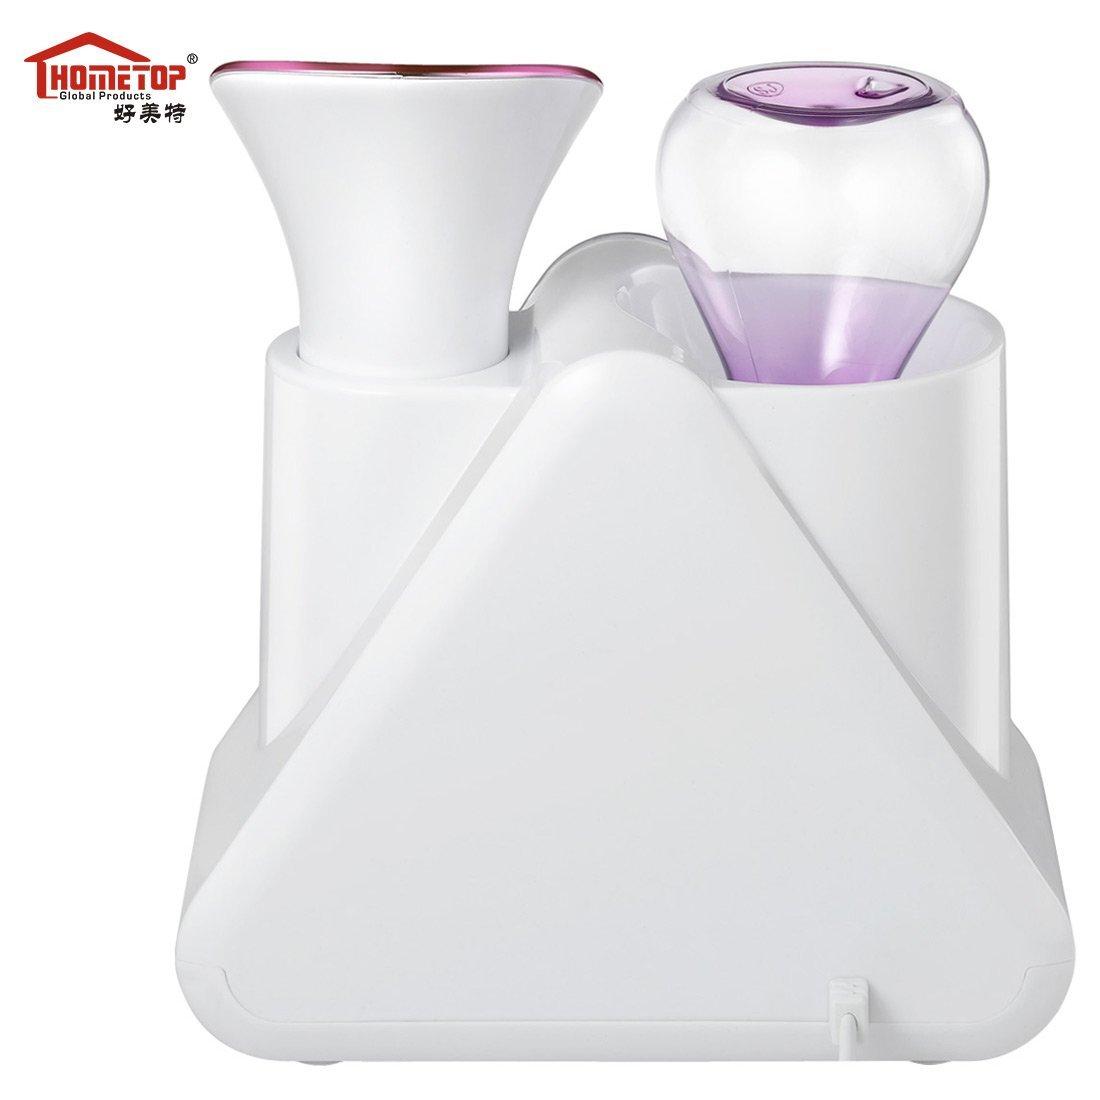 Hometop được máy gia dụng cụ sắc mặt hấp gia dụng thiết bị nano bình phun tinh dầu nóng máy phun mô